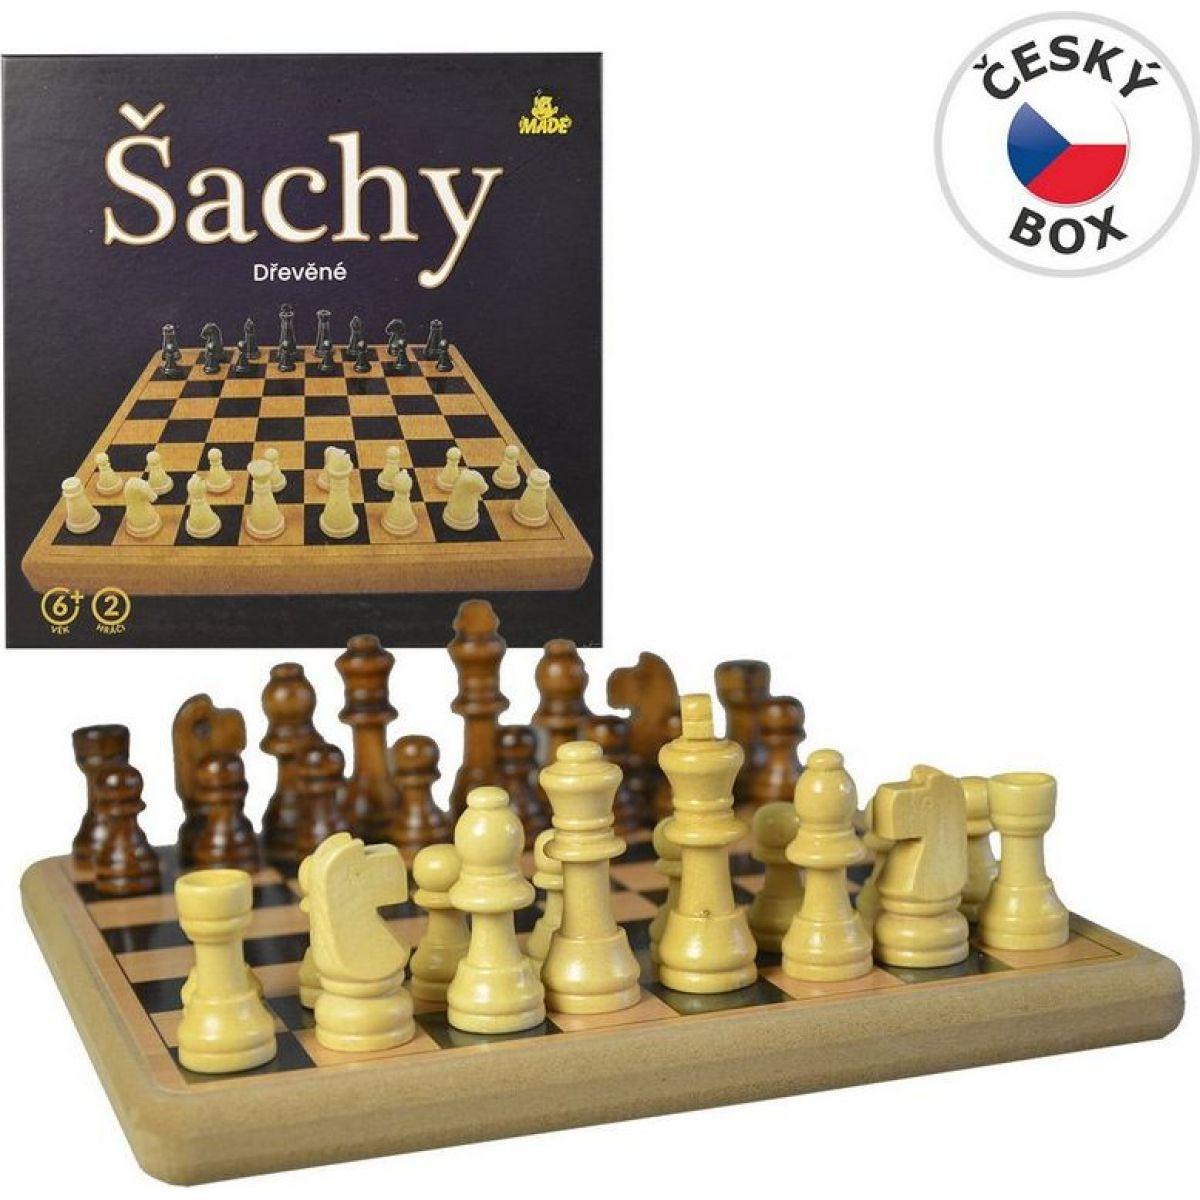 Made Dřevěné šachy 21 x 21 cm